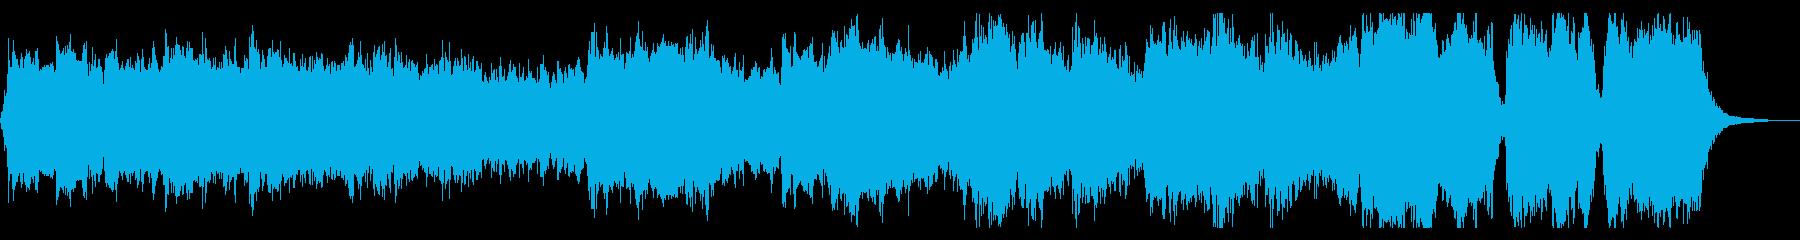 壮大でドラマチックなシンフォニーの再生済みの波形